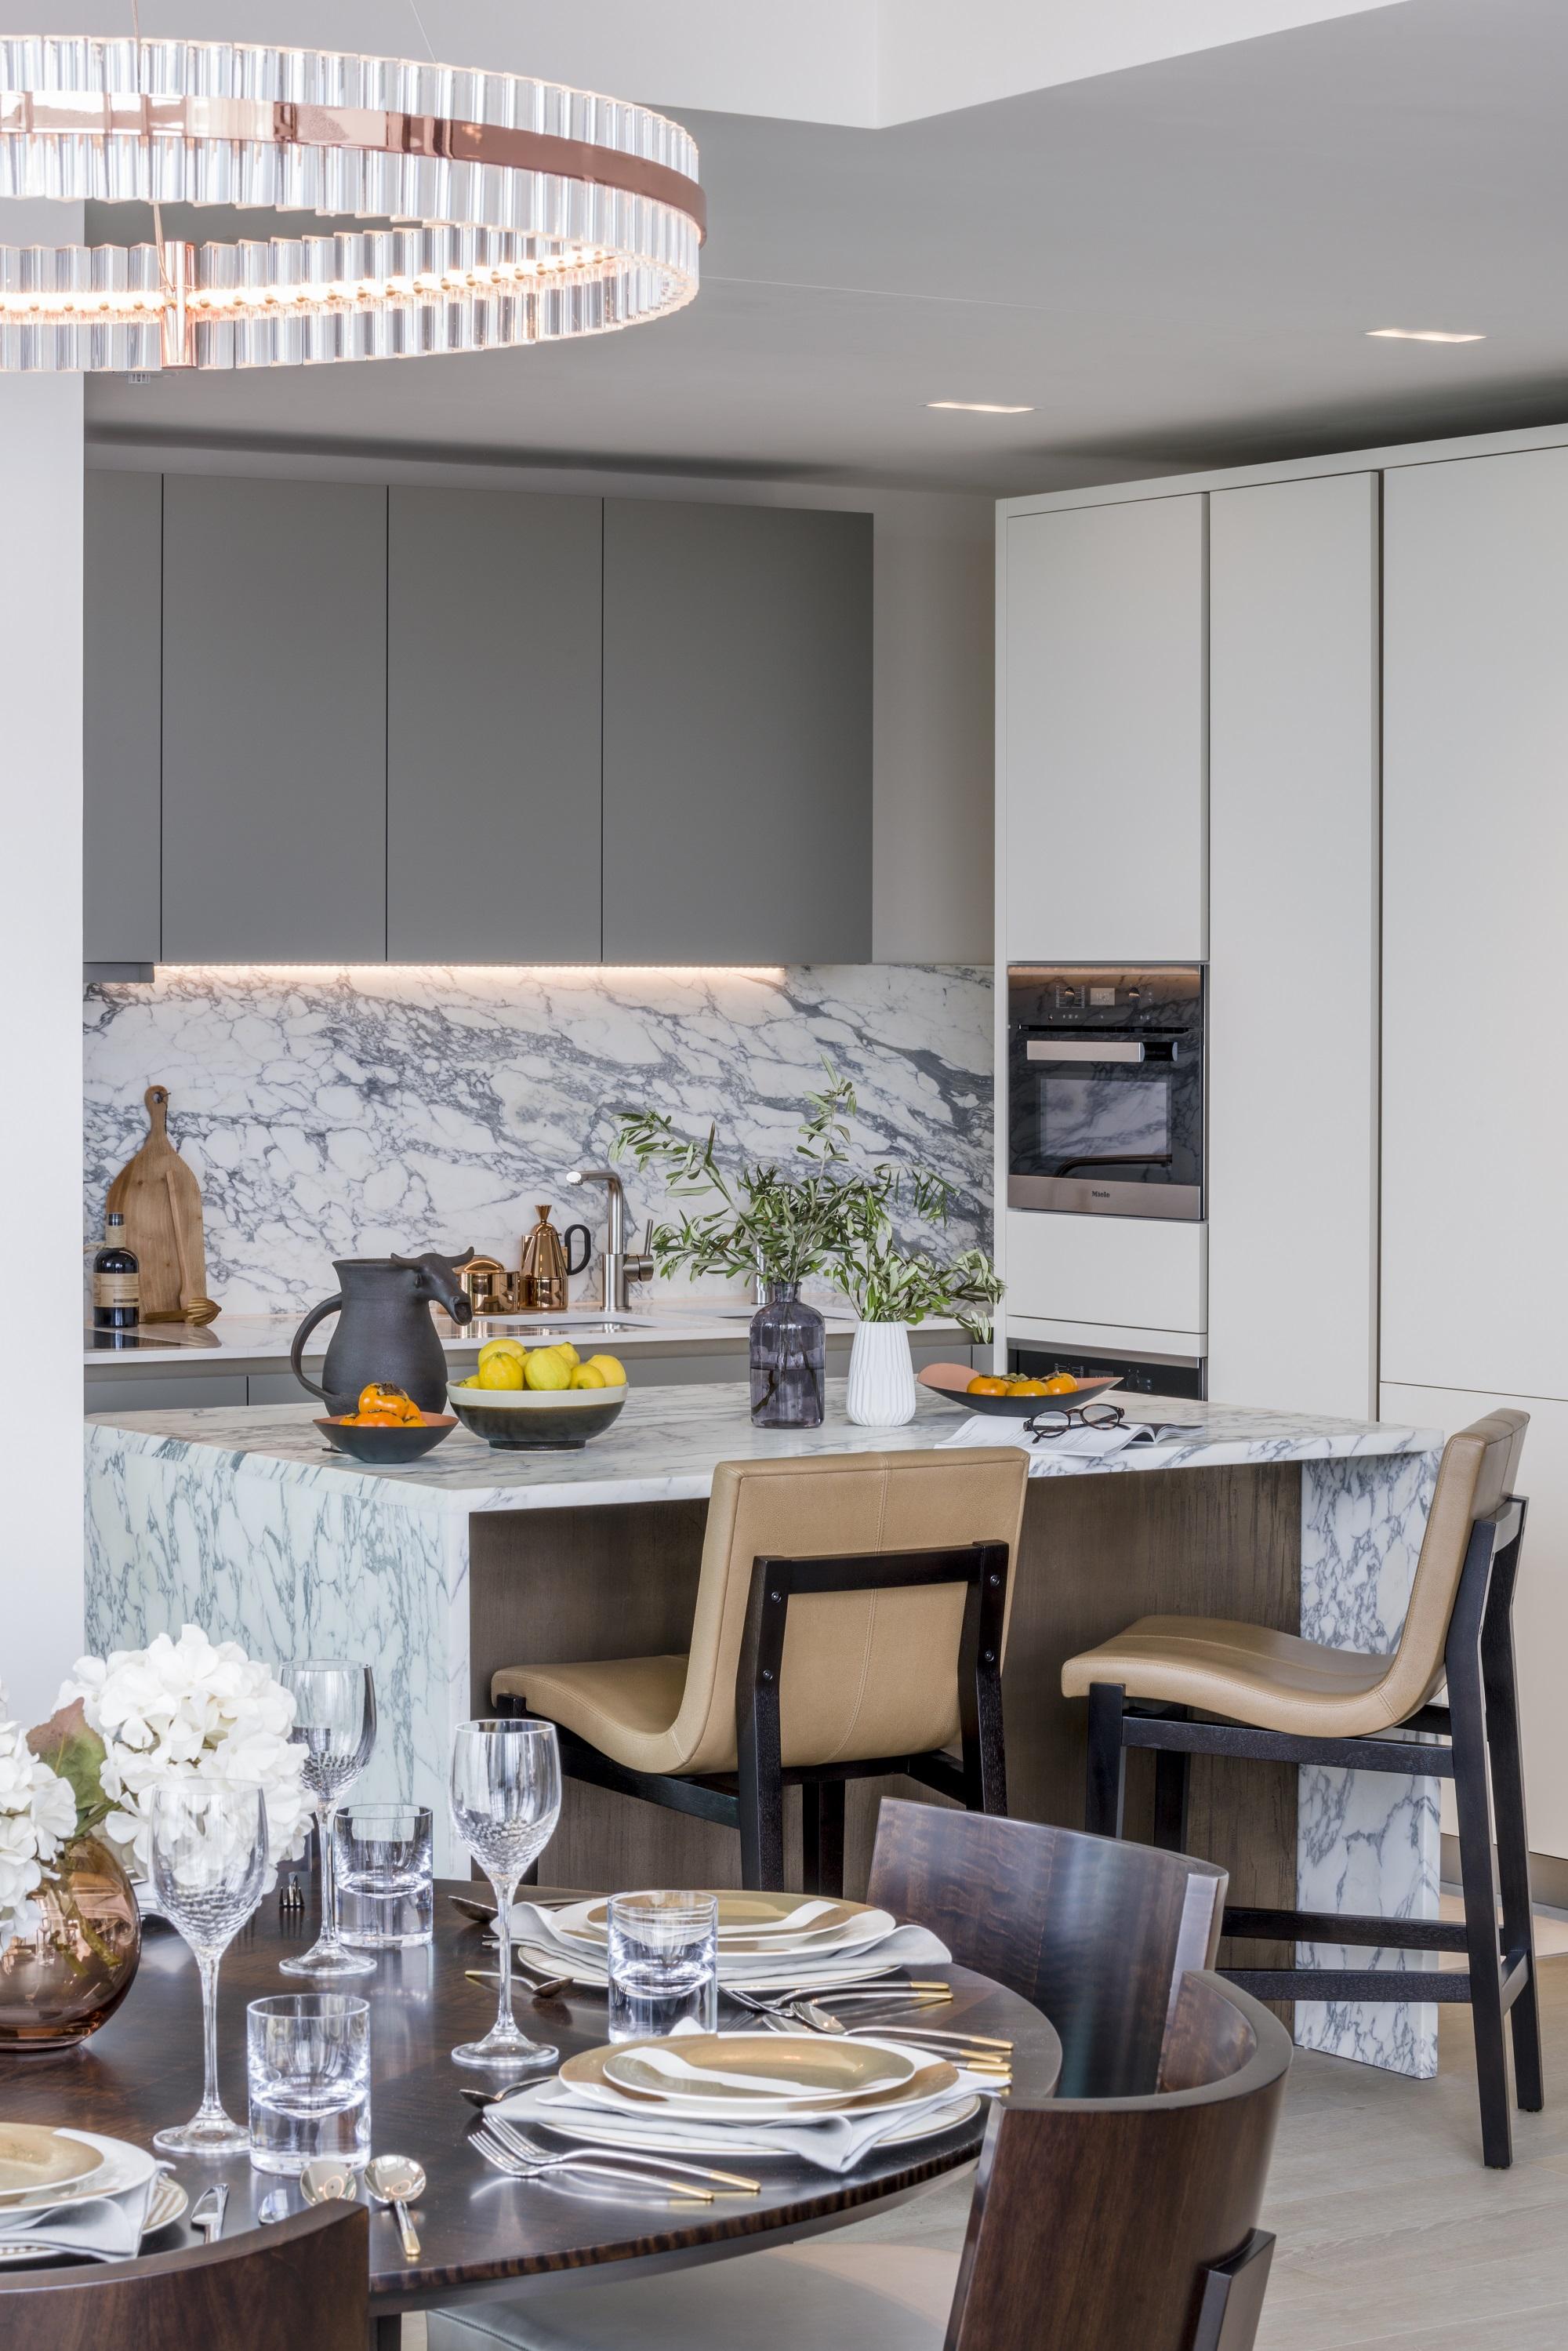 Goddard-Littlefair-Dining-Room-Decor-Ideas.jpg